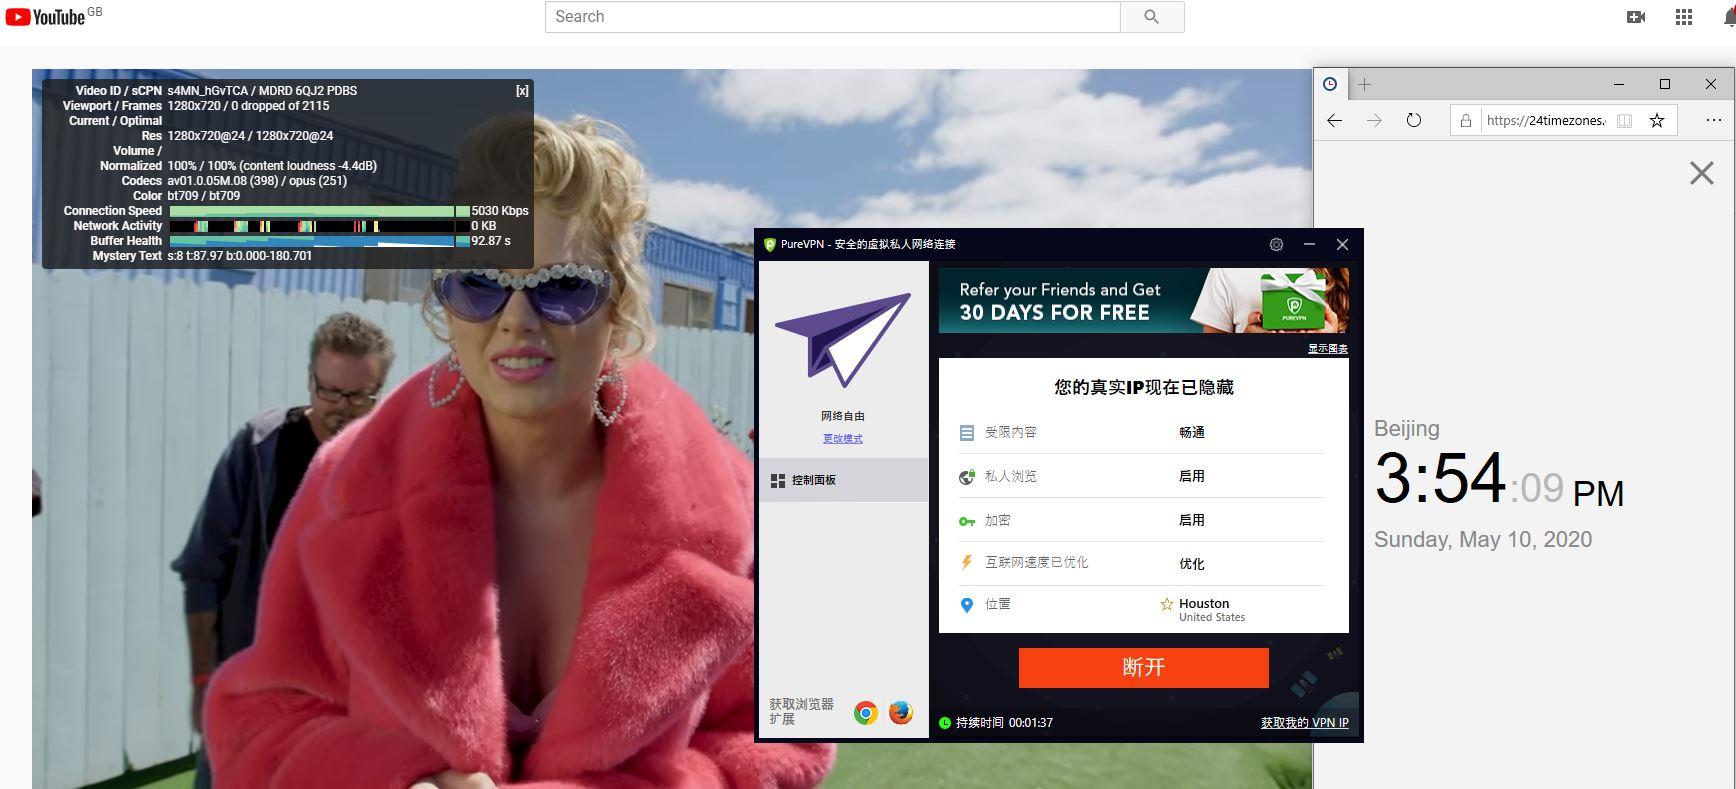 Windows10 PureVPN Czech Republic中国VPN 翻墙 科学上网 youtube测速-20200510